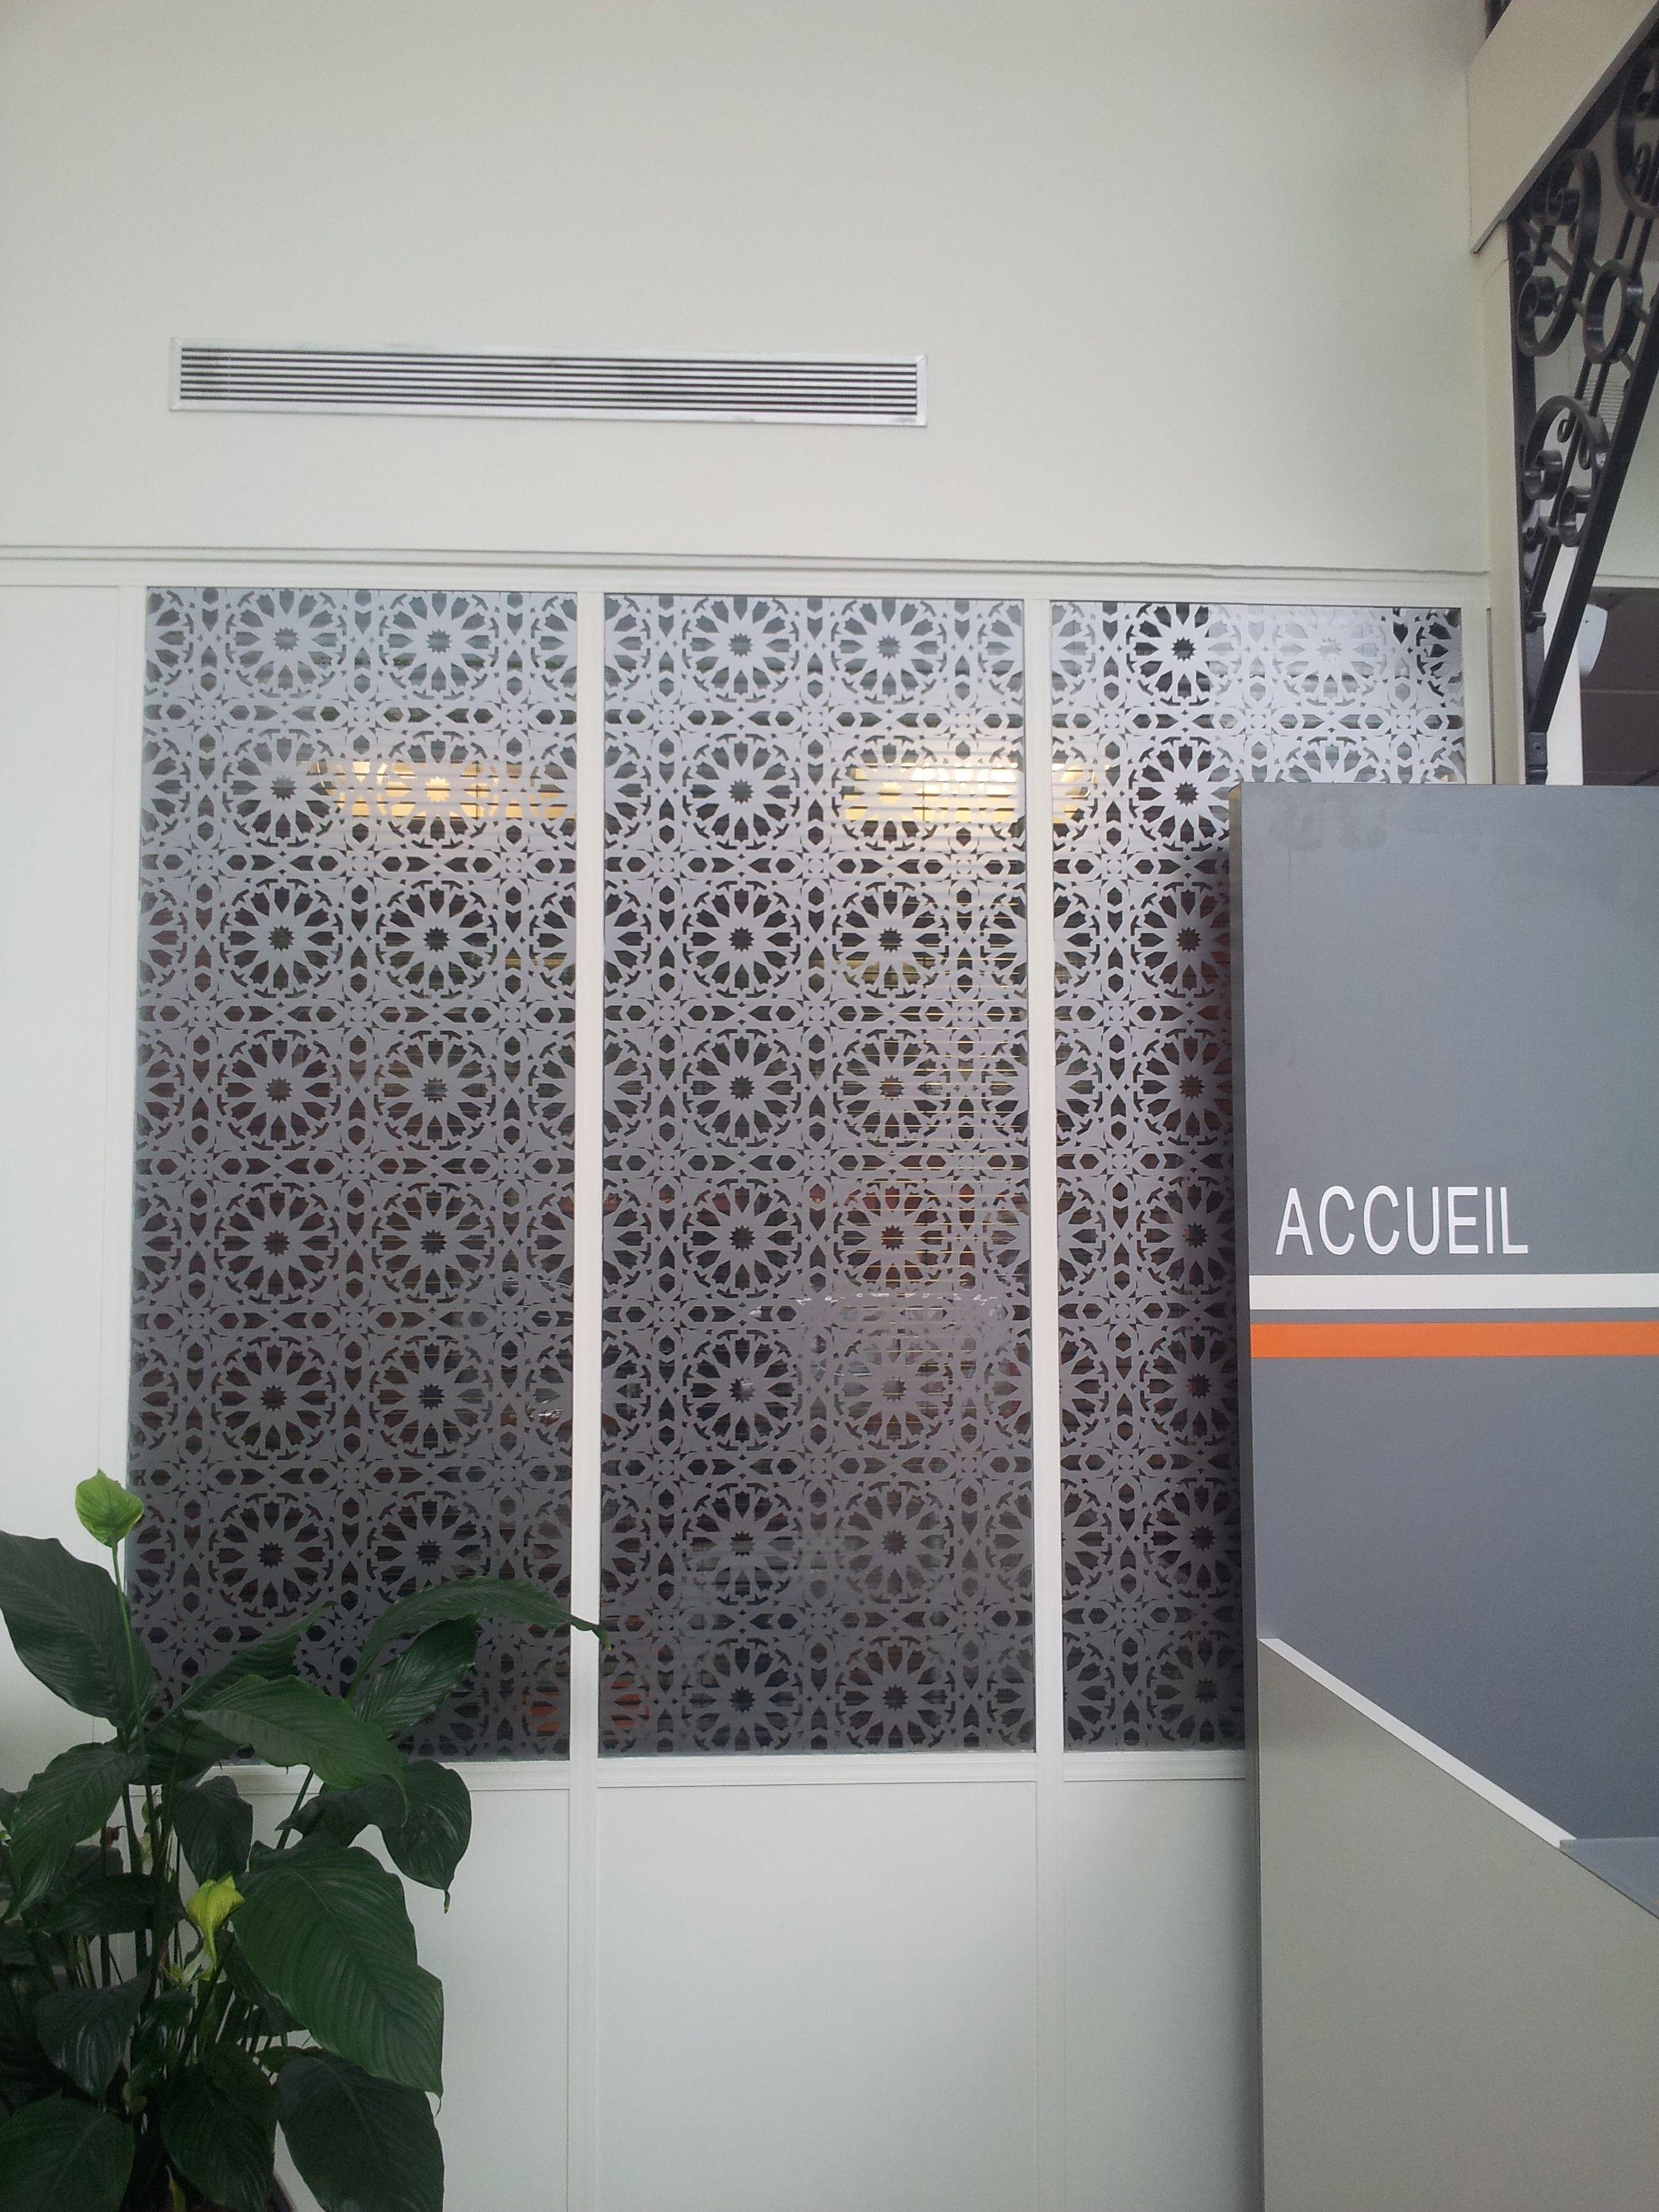 Décoration murale pour bureaux